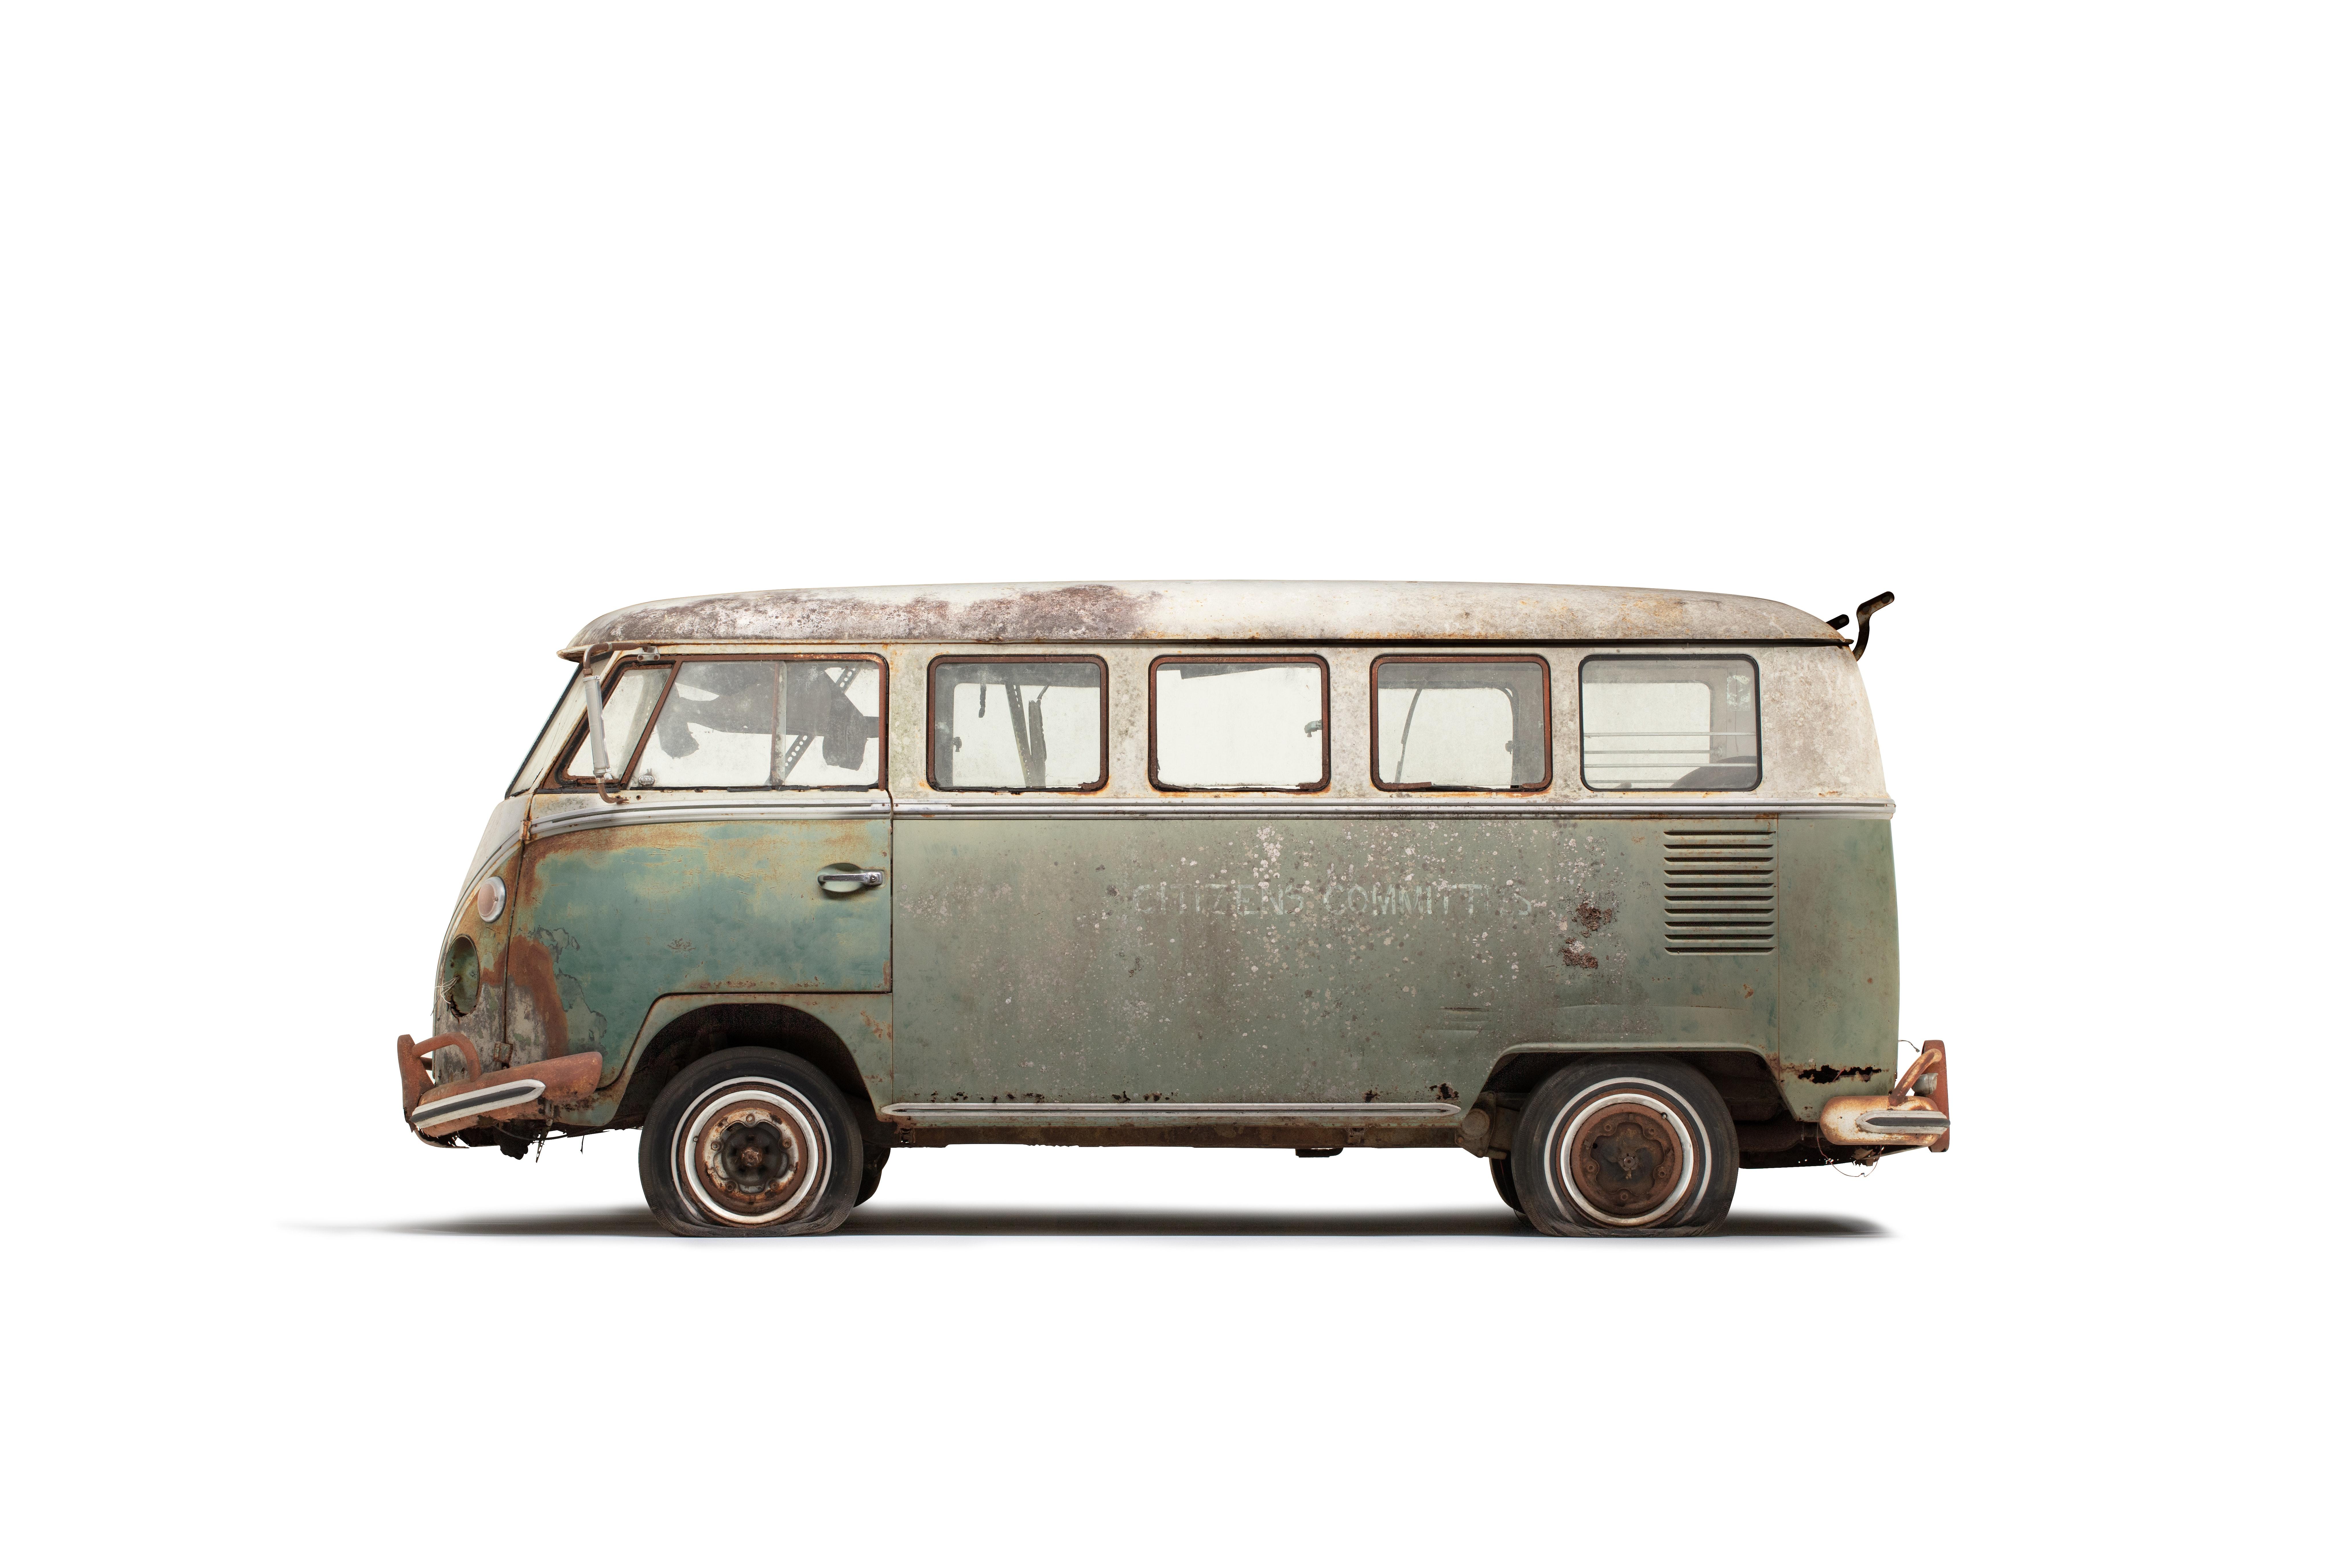 1966 Volkswagen Transporter (Van)